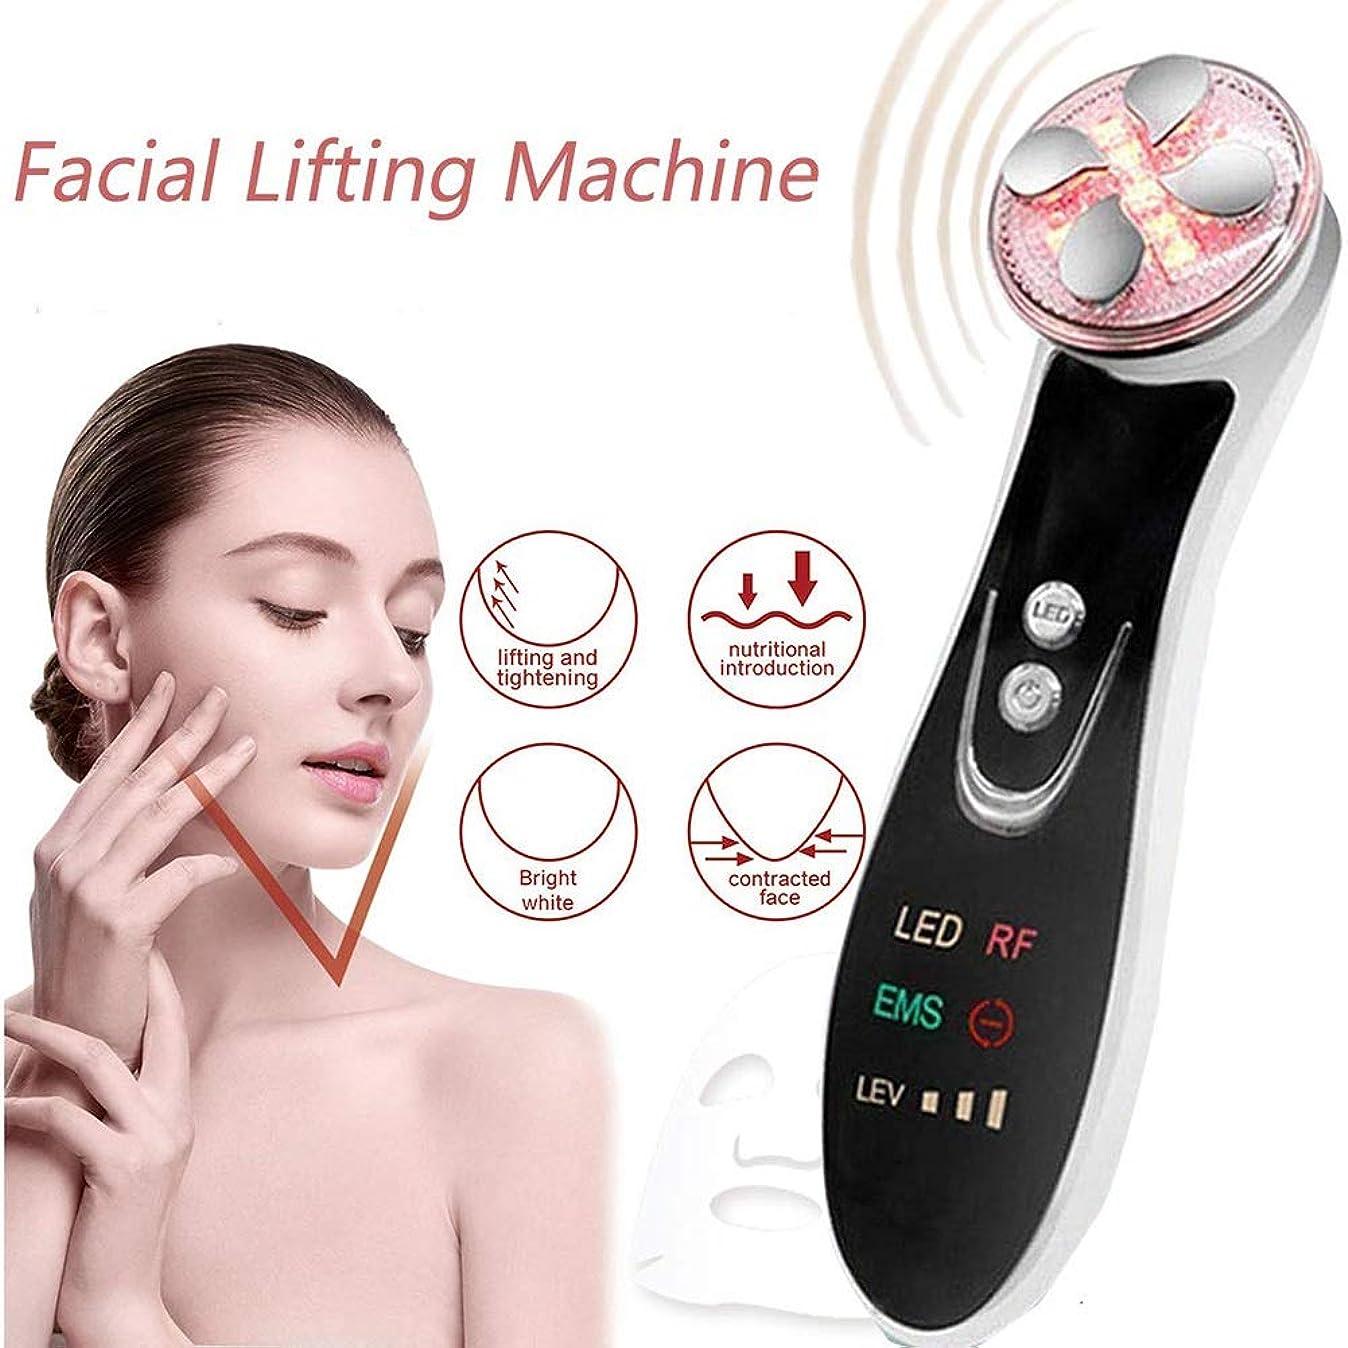 緊張ビーズ準拠機械、1つのRF EMS LEDライト療法のしわを取除く顔の持ち上がるボディ形削り盤機械をきつく締める表面皮は反老化のアクネの美装置を取除きます